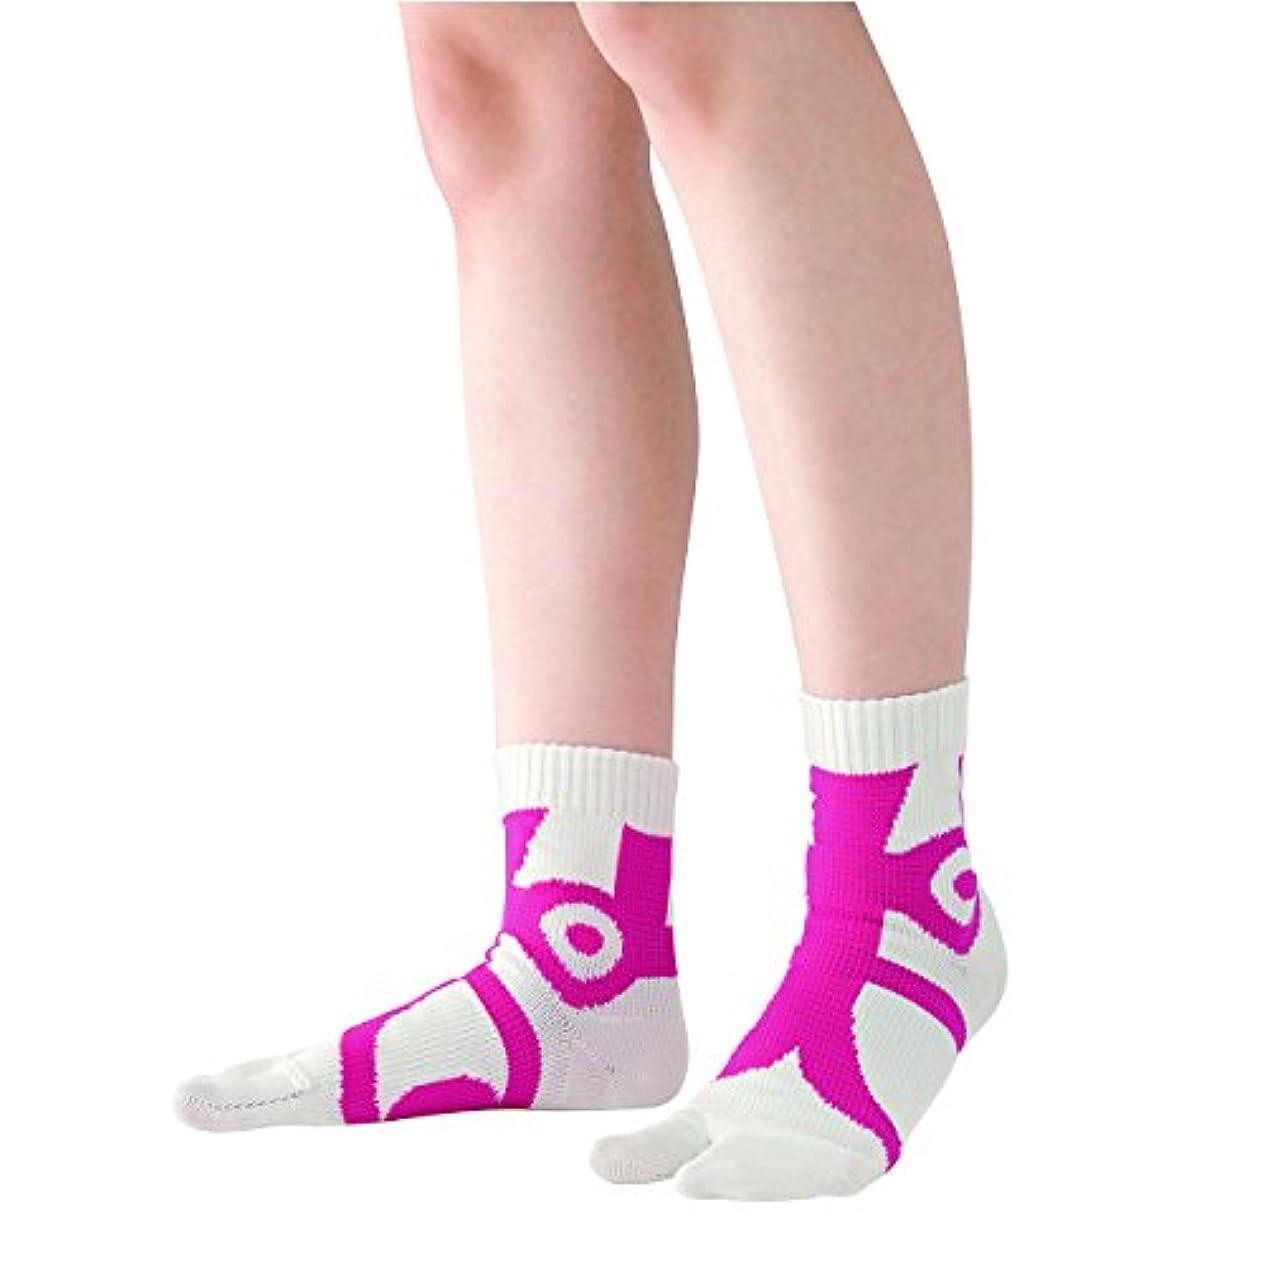 区別チャーム二週間快歩テーピング靴下 ホワイト×ピンク